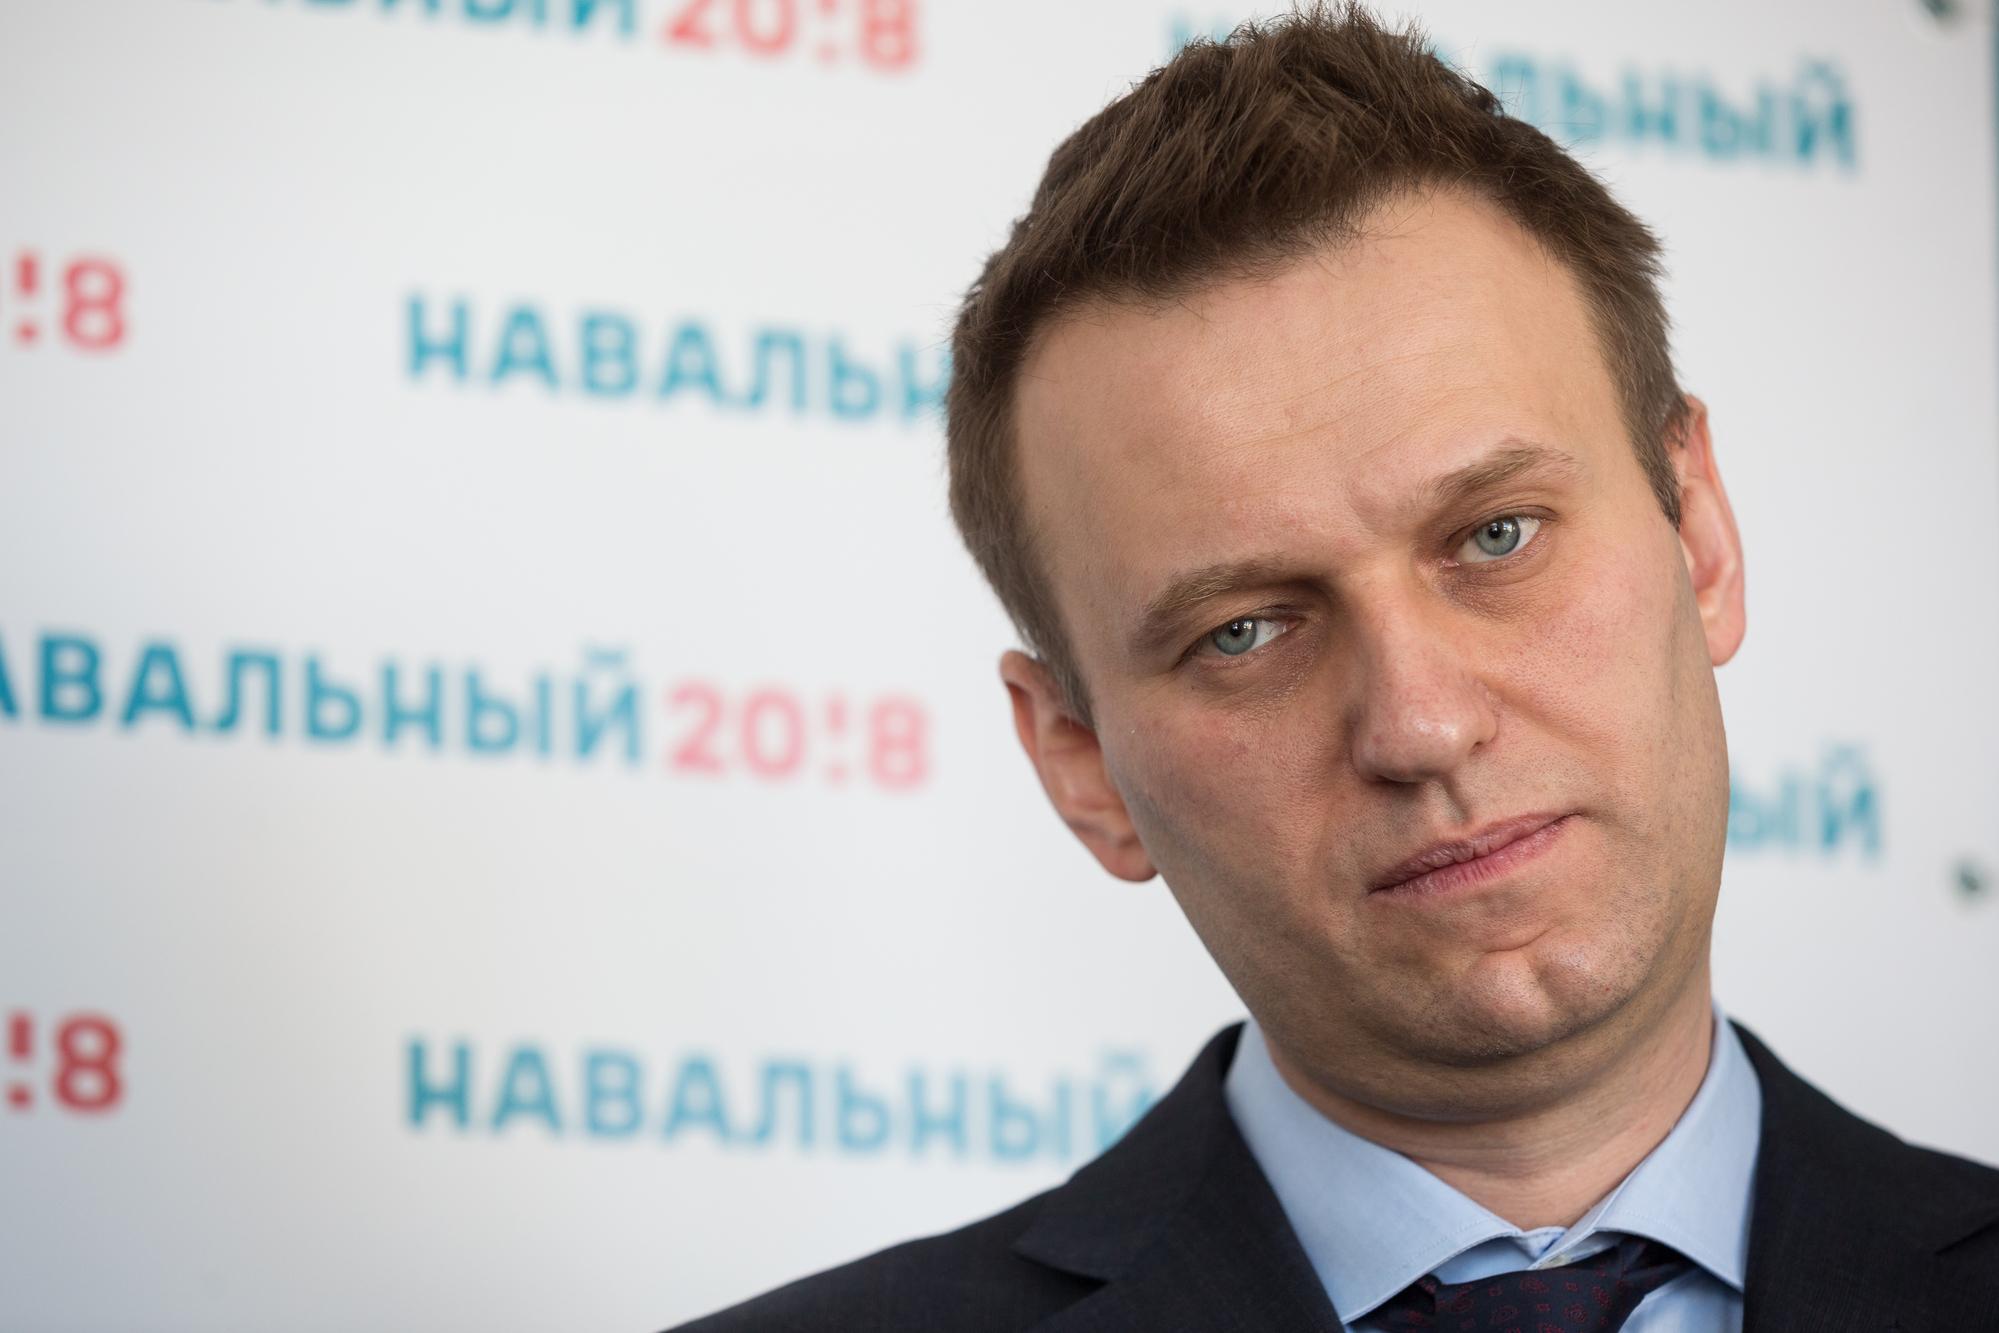 В МВД рассказали о результатах проверки инцидента с Навальным